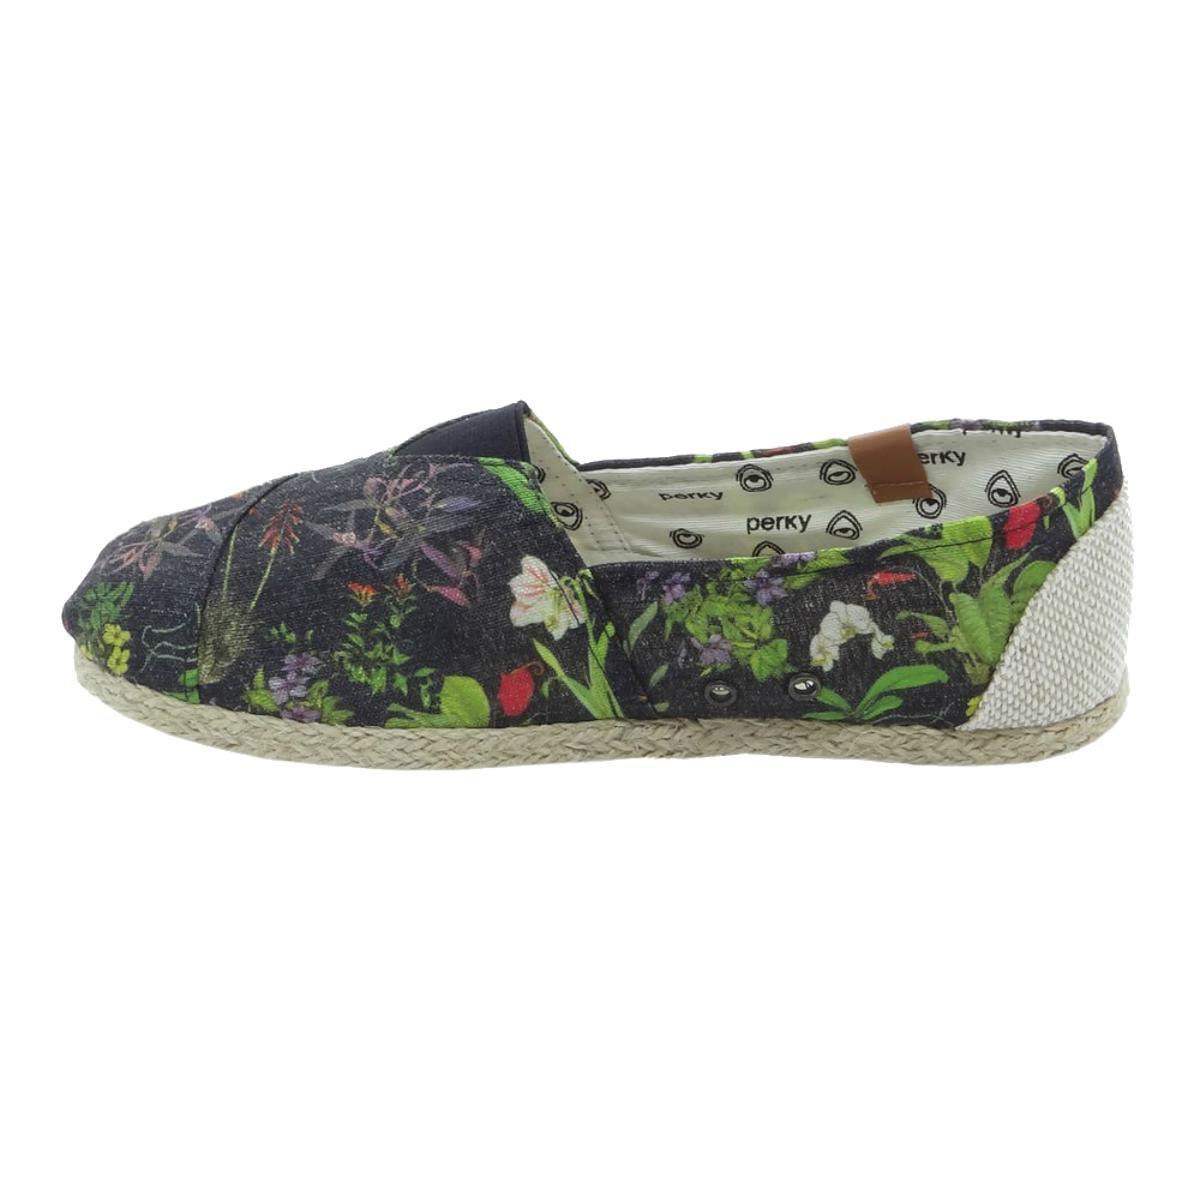 Alpargata Perky Botany - Preto e verde